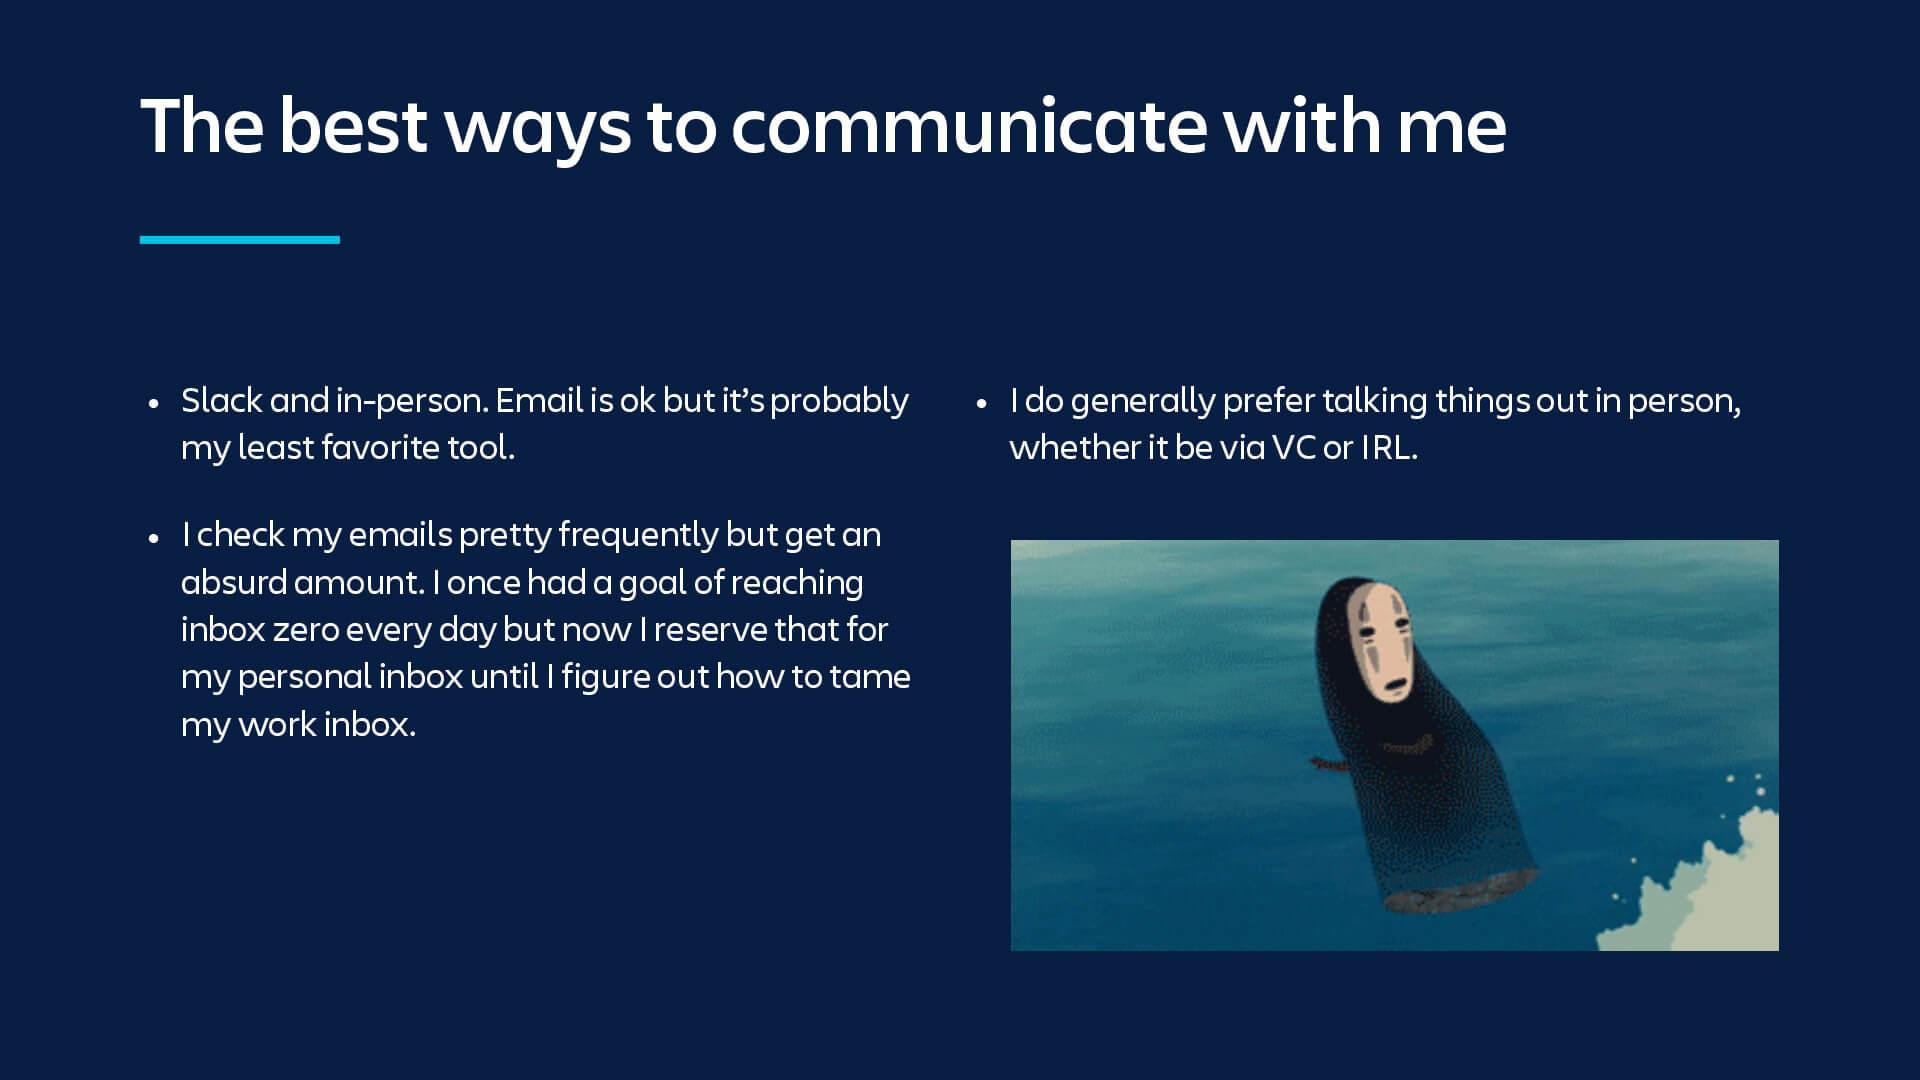 最良のコミュニケーション方法についての説明